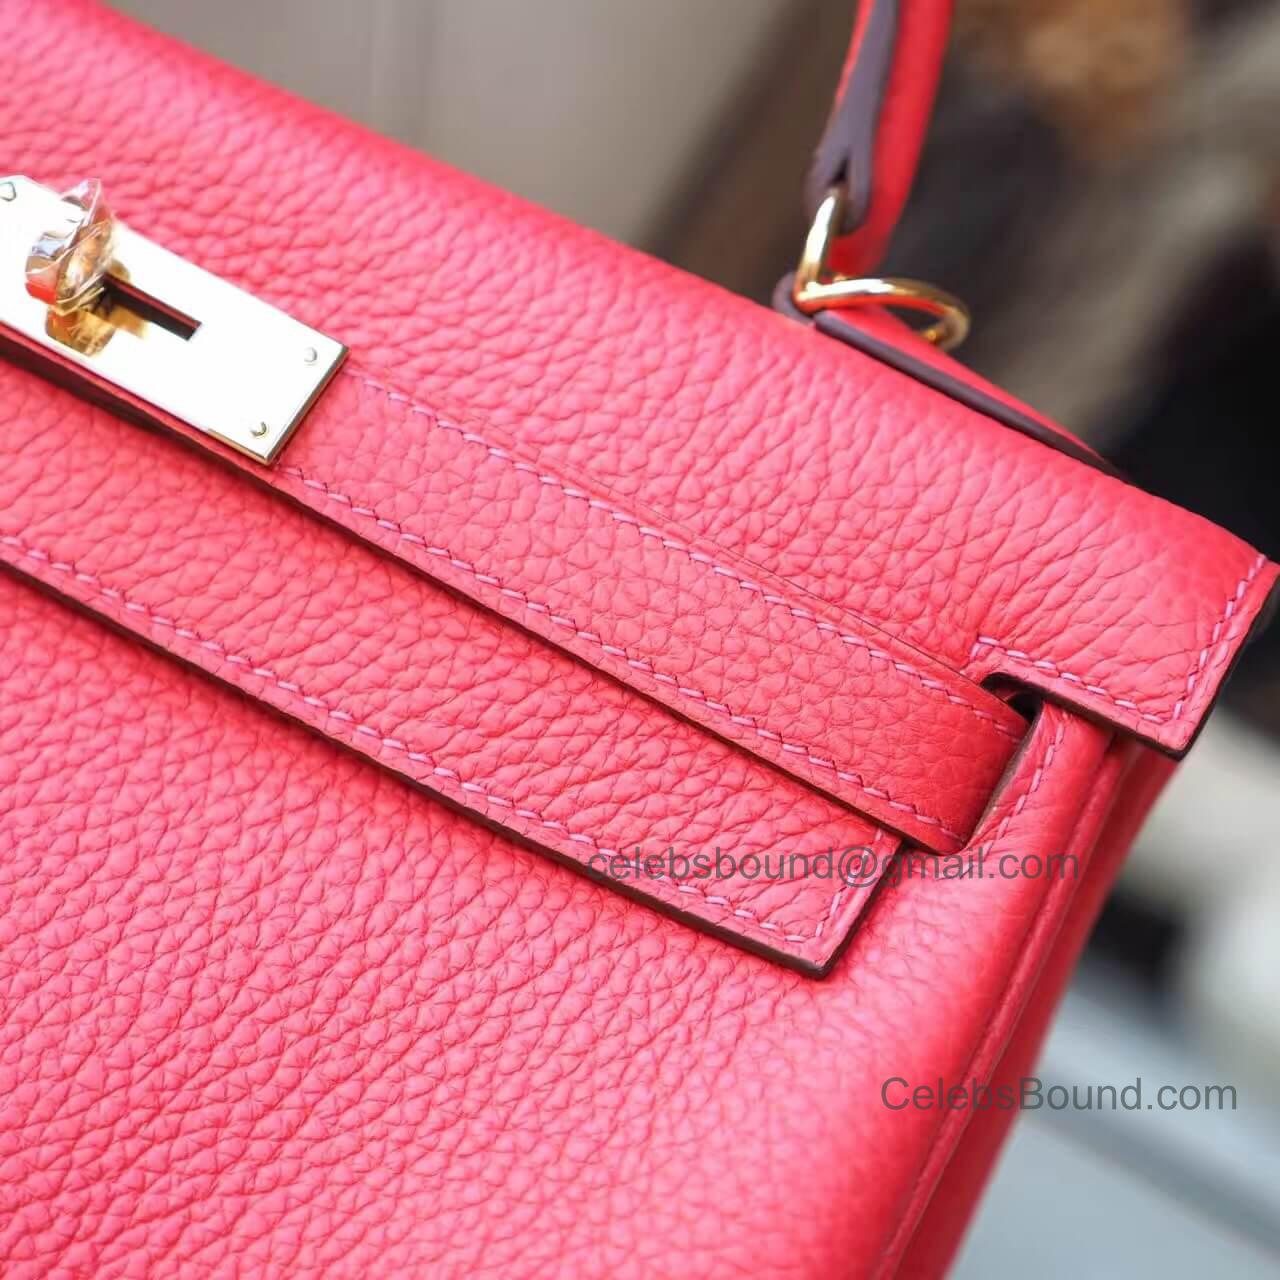 7307505e2d96 Hermes Kelly 28 Bag in t5 Rose Jaipur Clemence GHW -